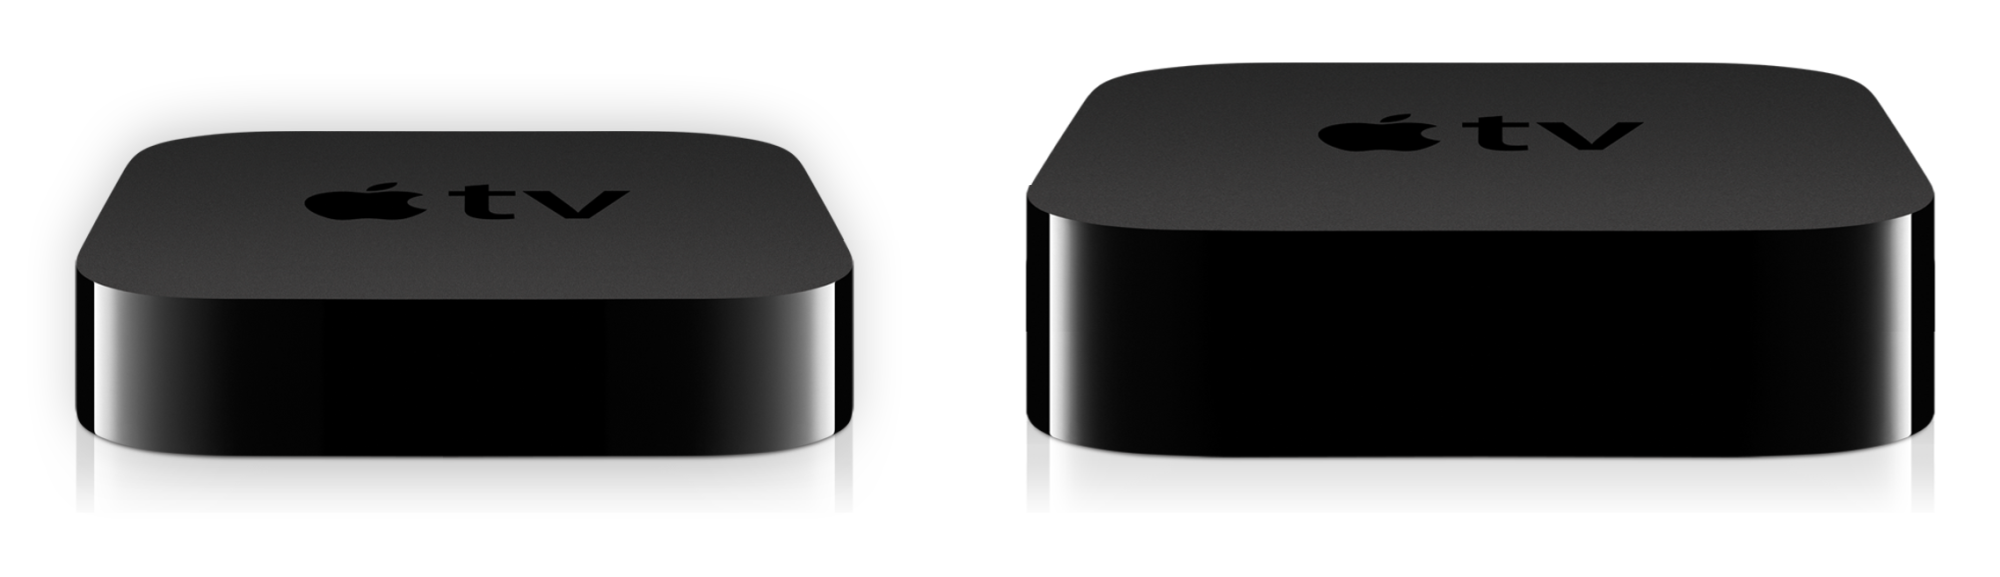 Проблемы безопасности, устраняемые обновлением ПО Apple TV 6.1